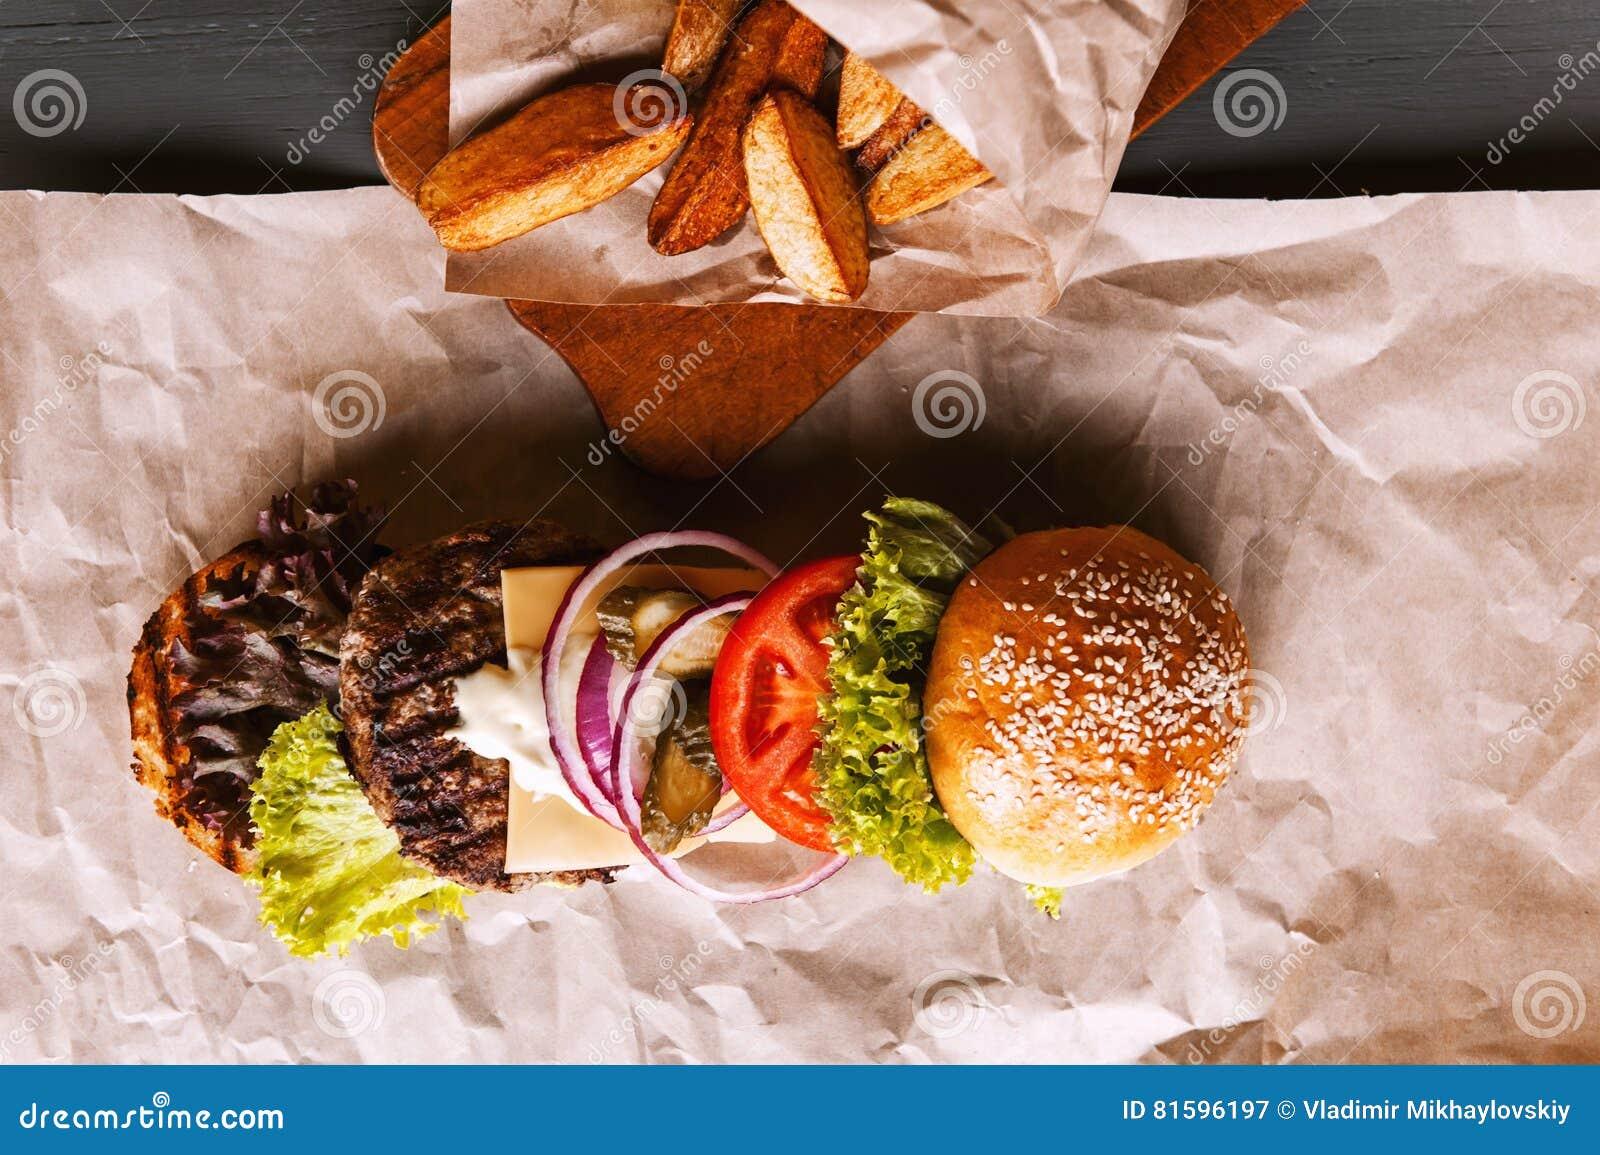 Бургер разложил в свои компоненты